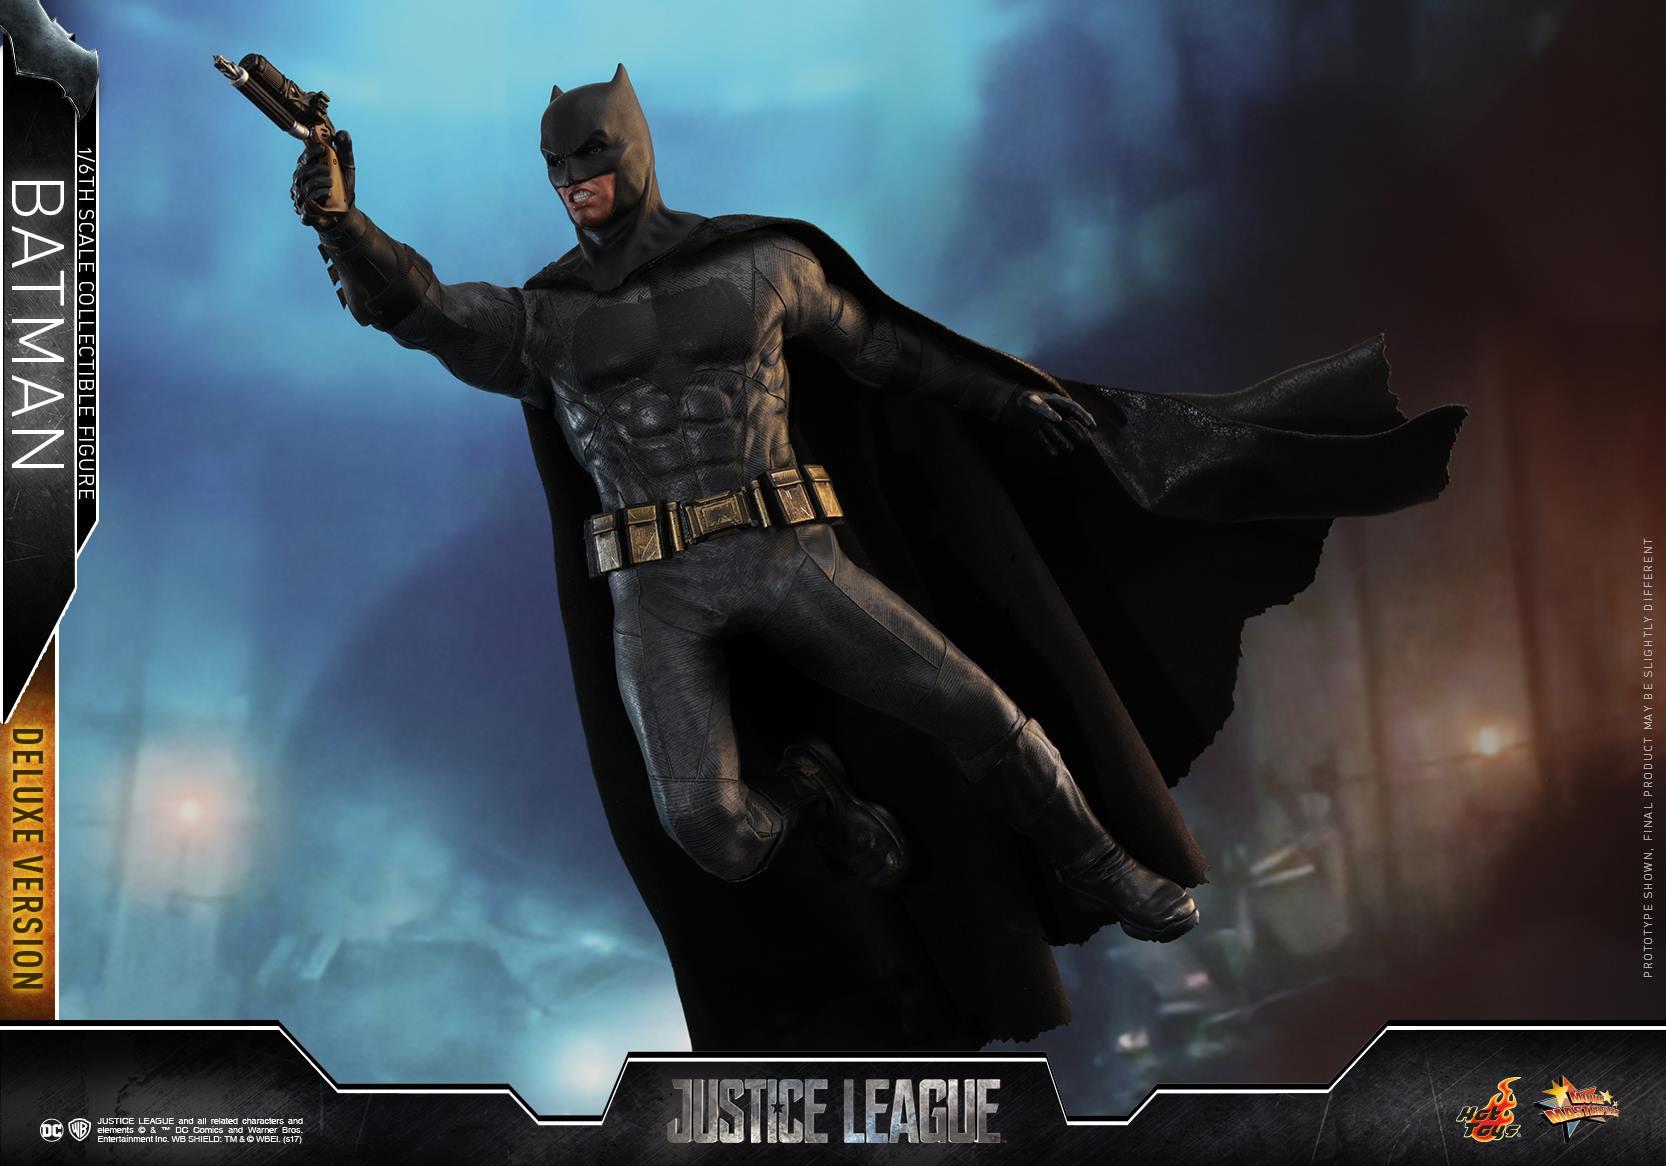 Hot-Toys-Deluxe-Batman-Justice-League-003